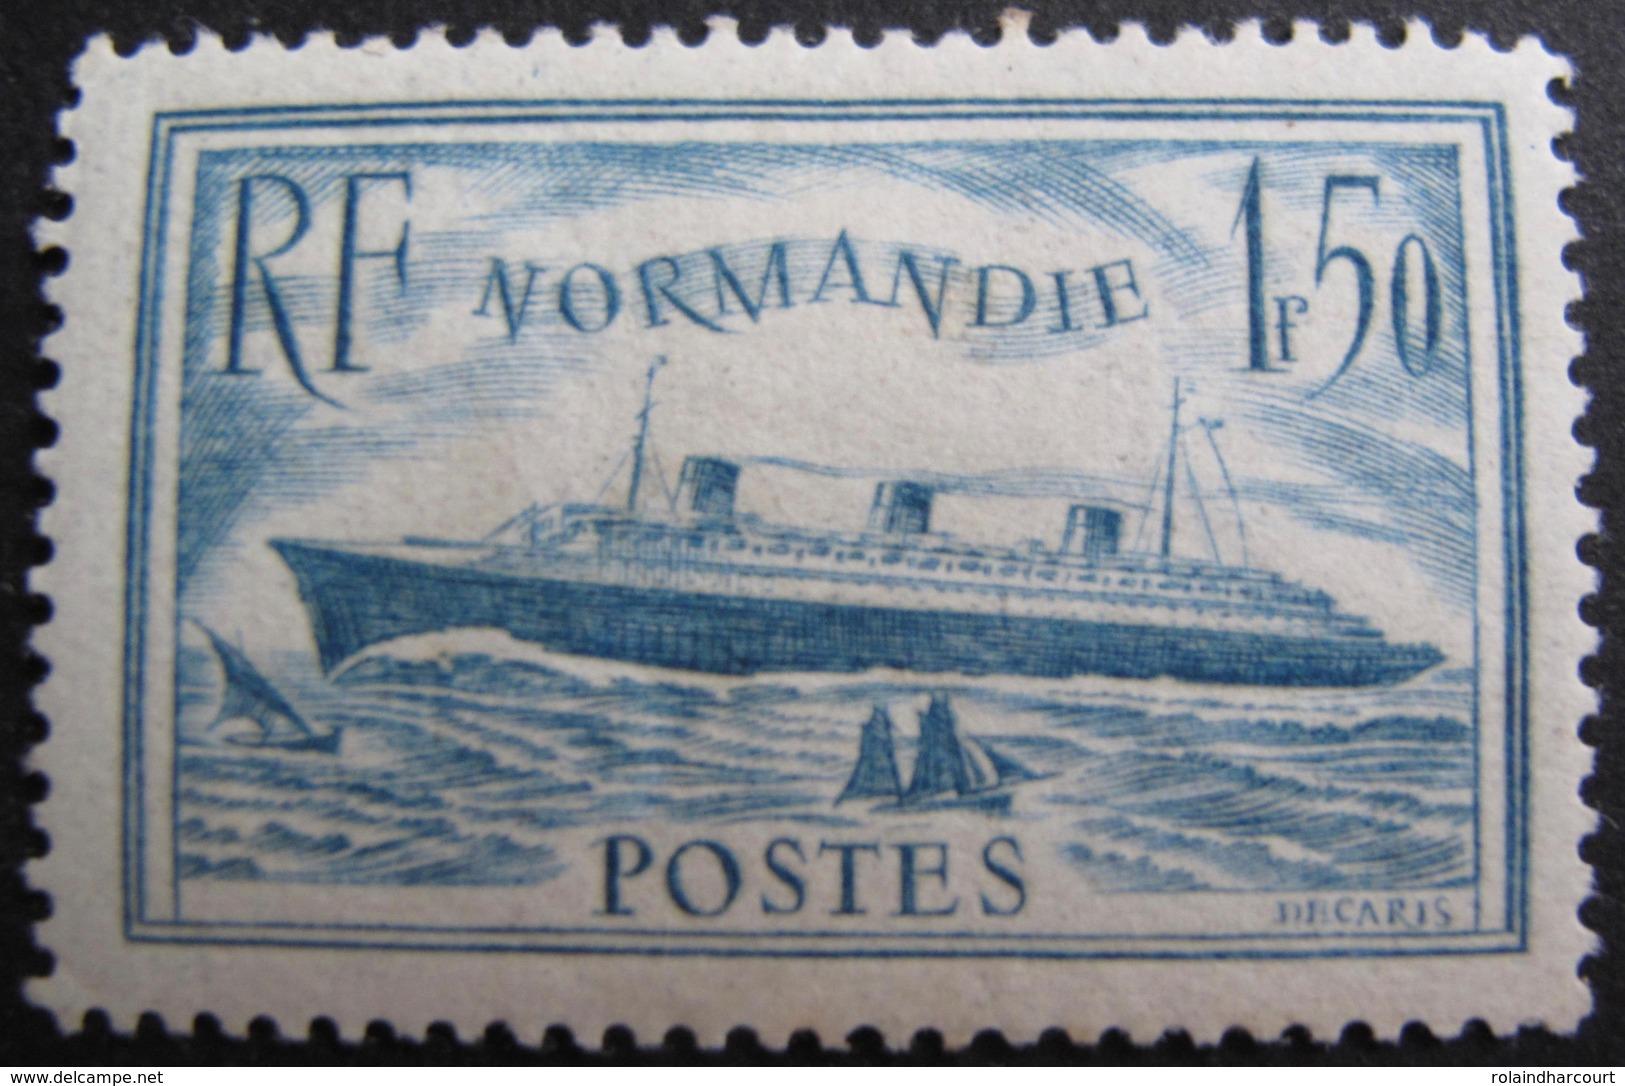 R1680/197 - 1935 - PAQUEBOT NORMANDIE - N°300 NEUF* - Cote : 70,00 € - France